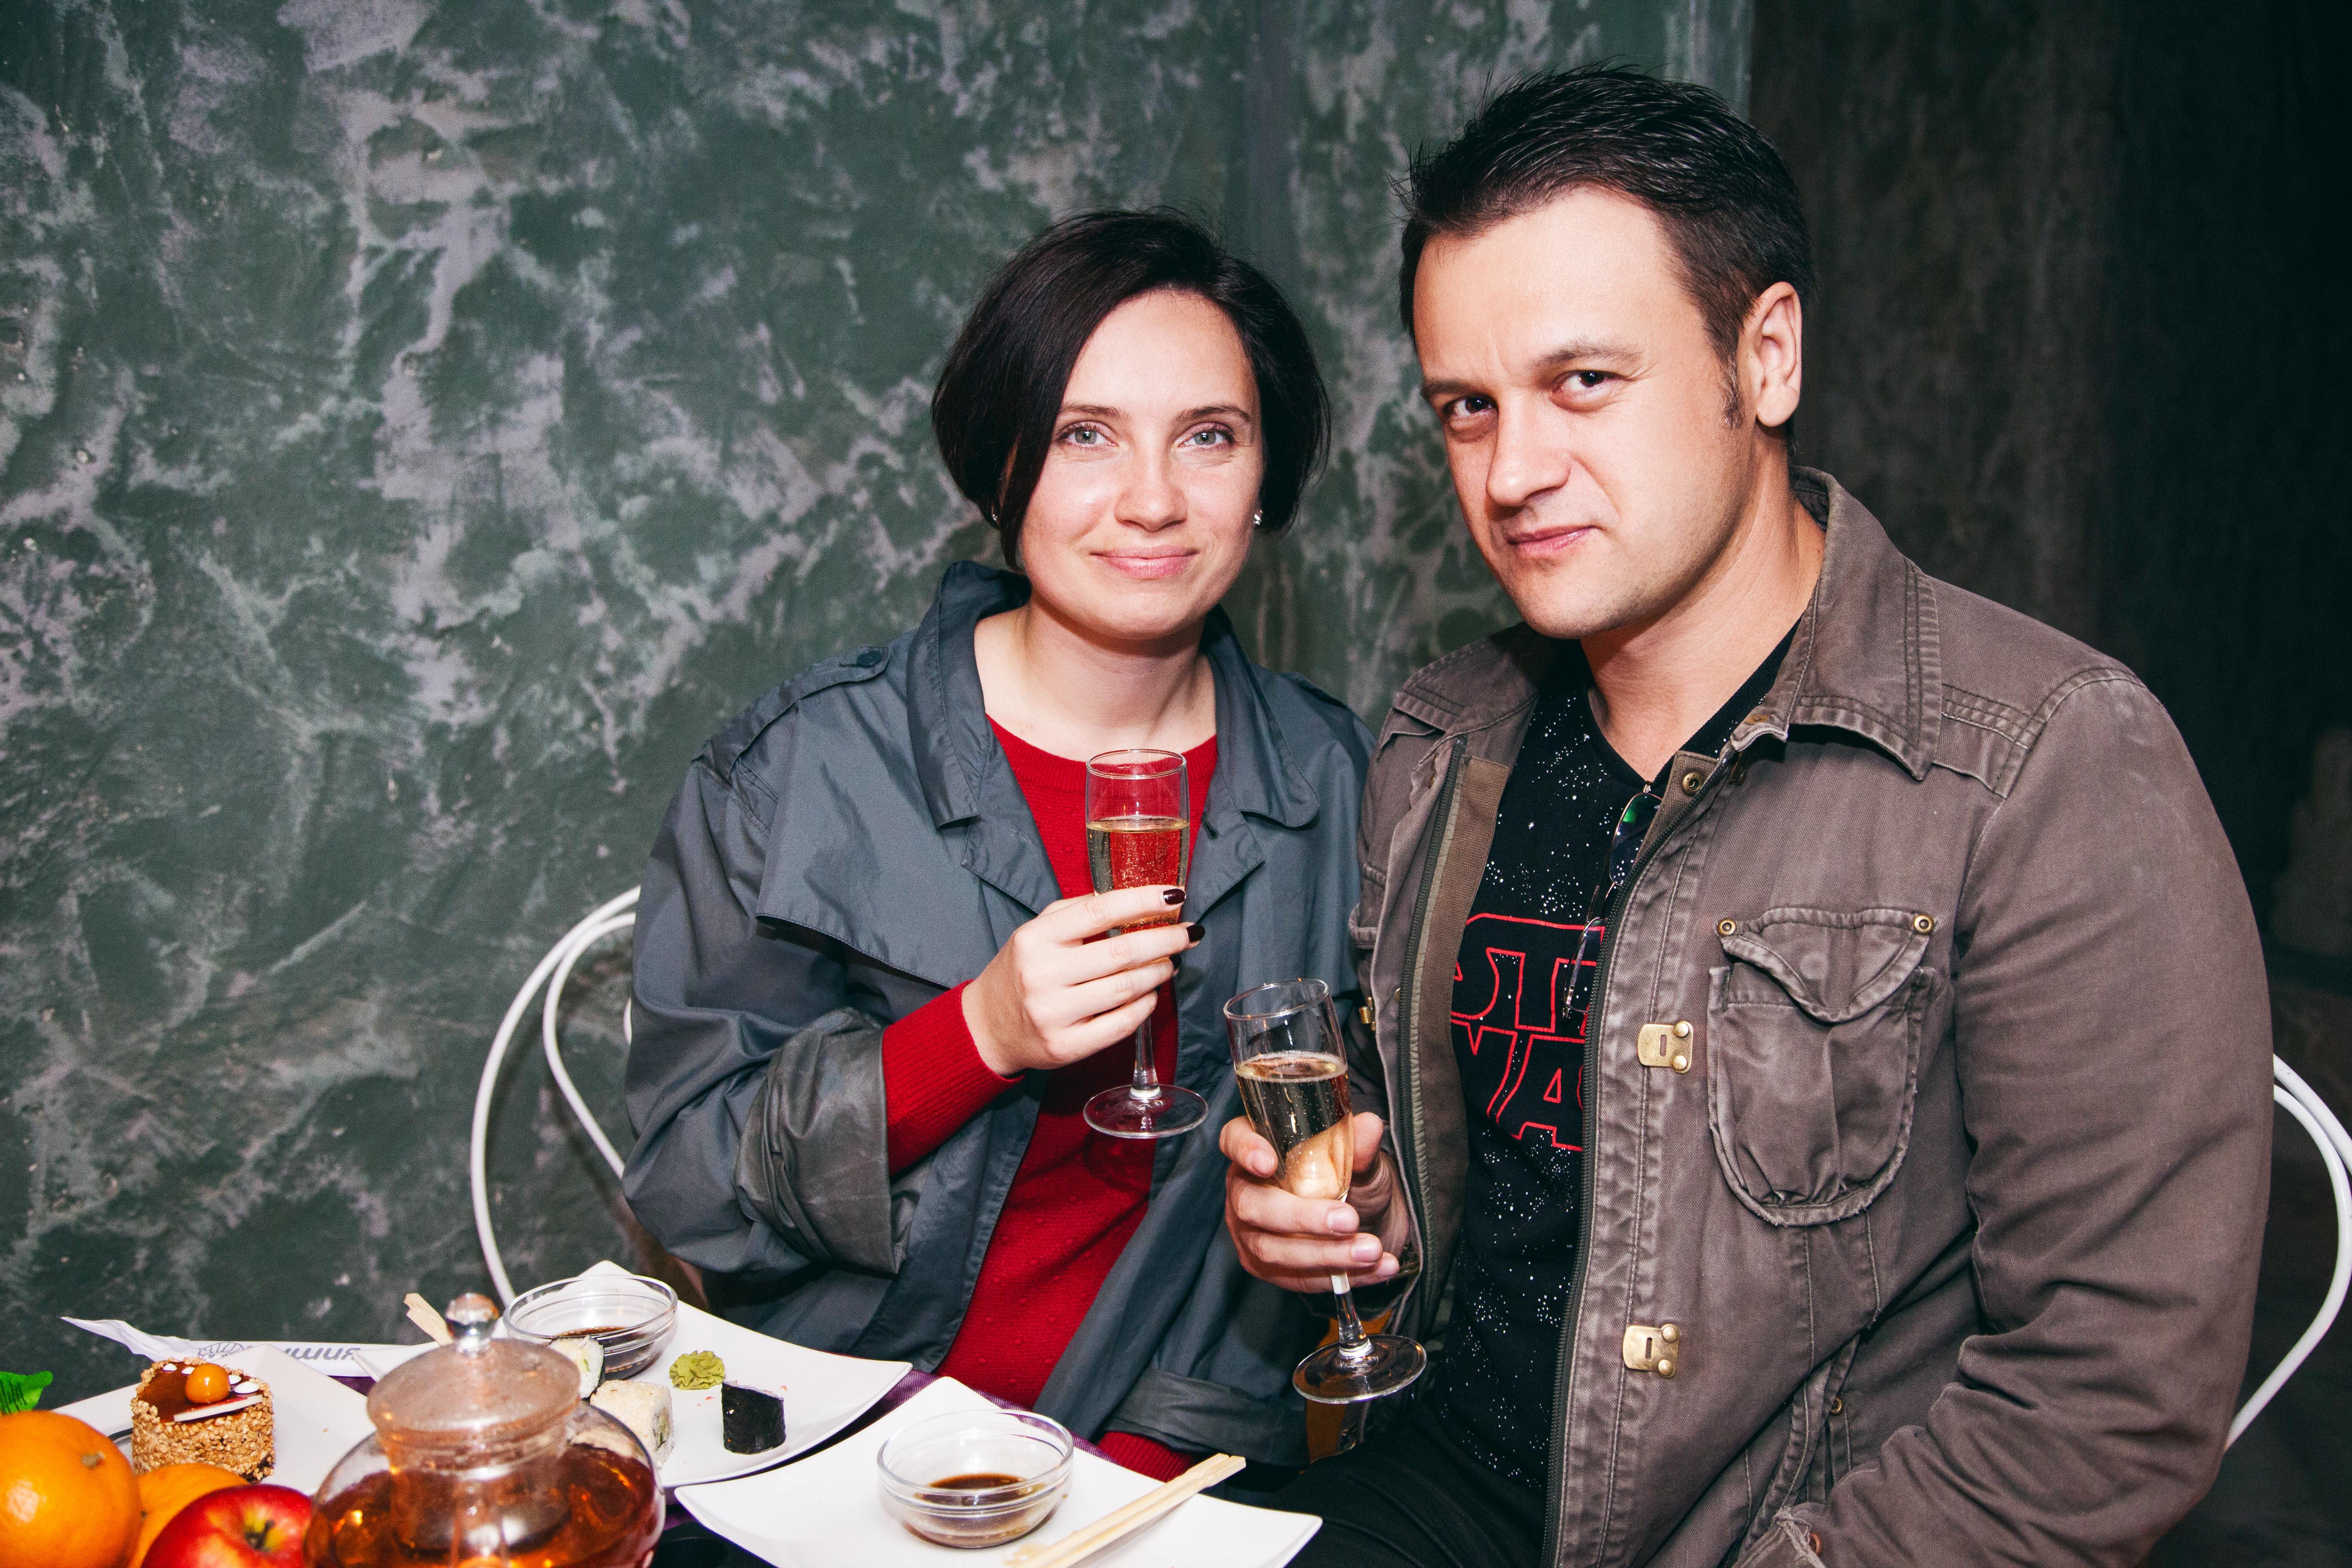 Романтический ужин в подземелье от сервиса романтики Альтечо (2)